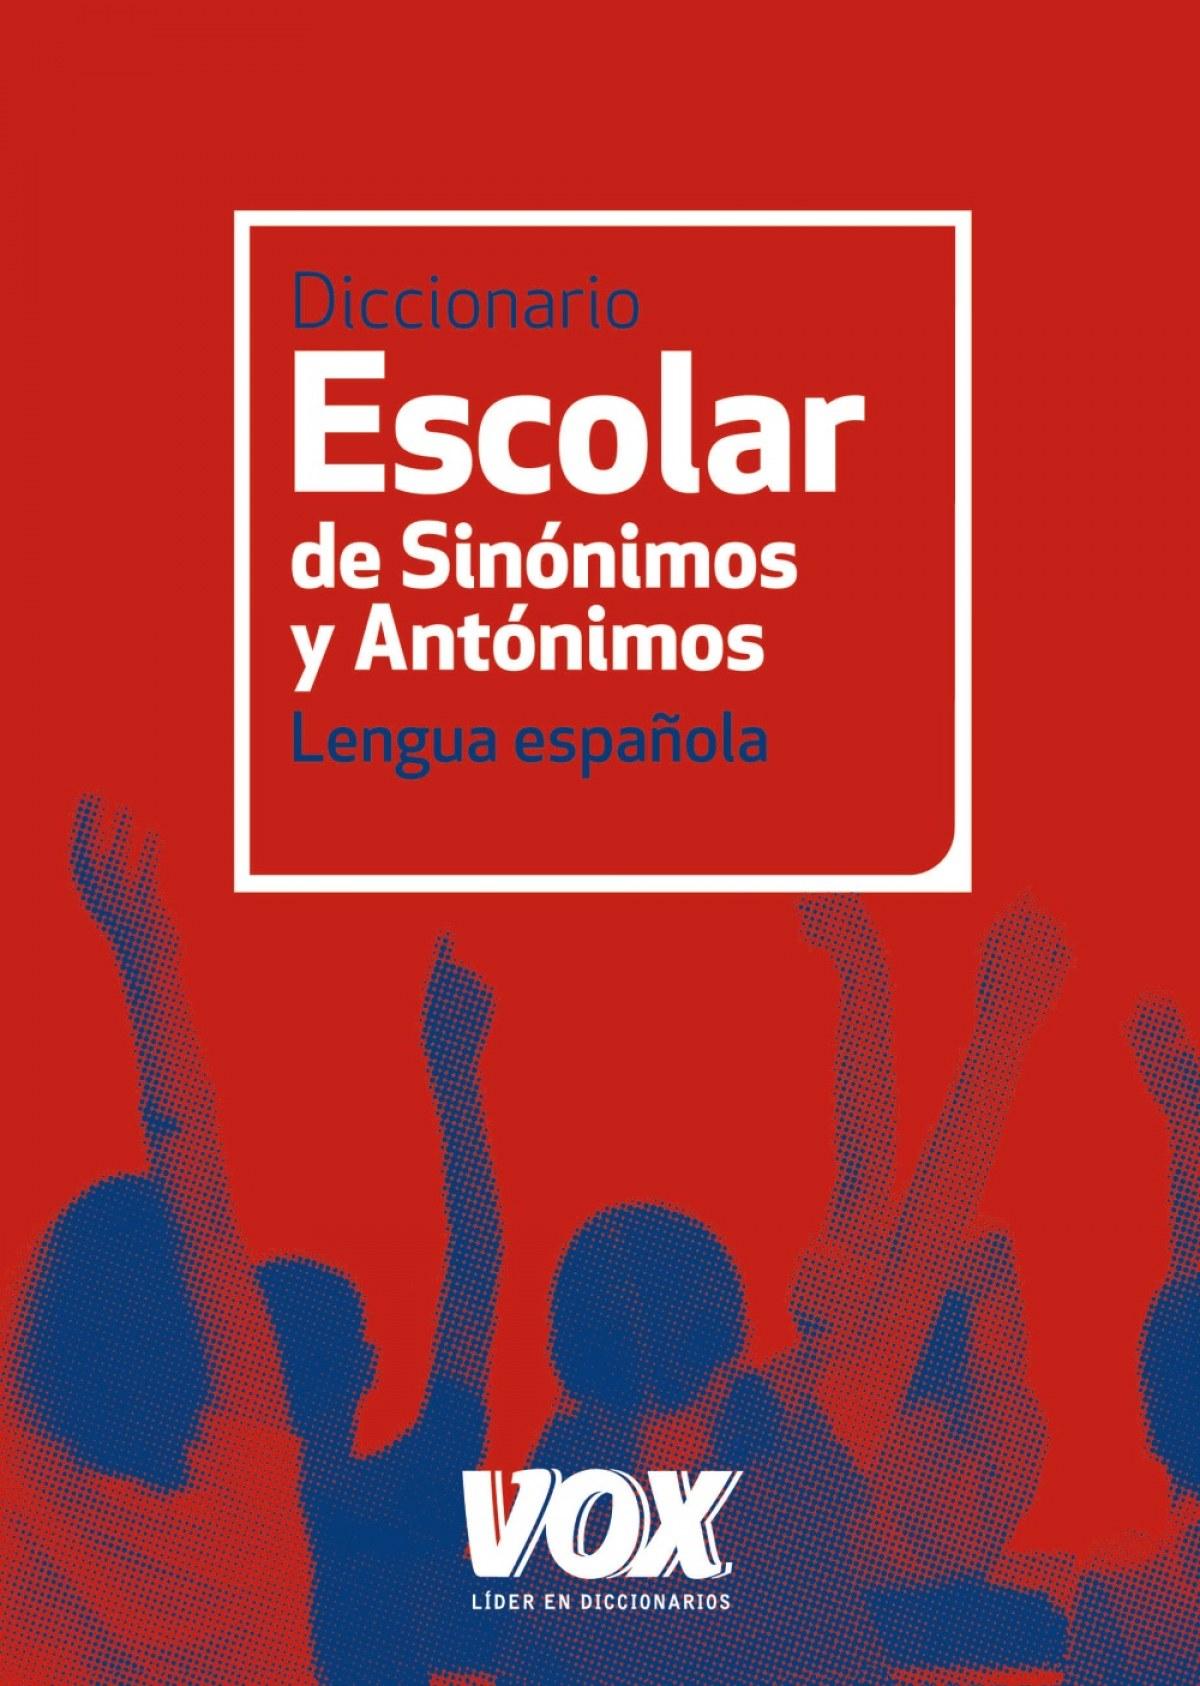 Diccionario Escolar de Sinónimos y Antónimos 9788499740423